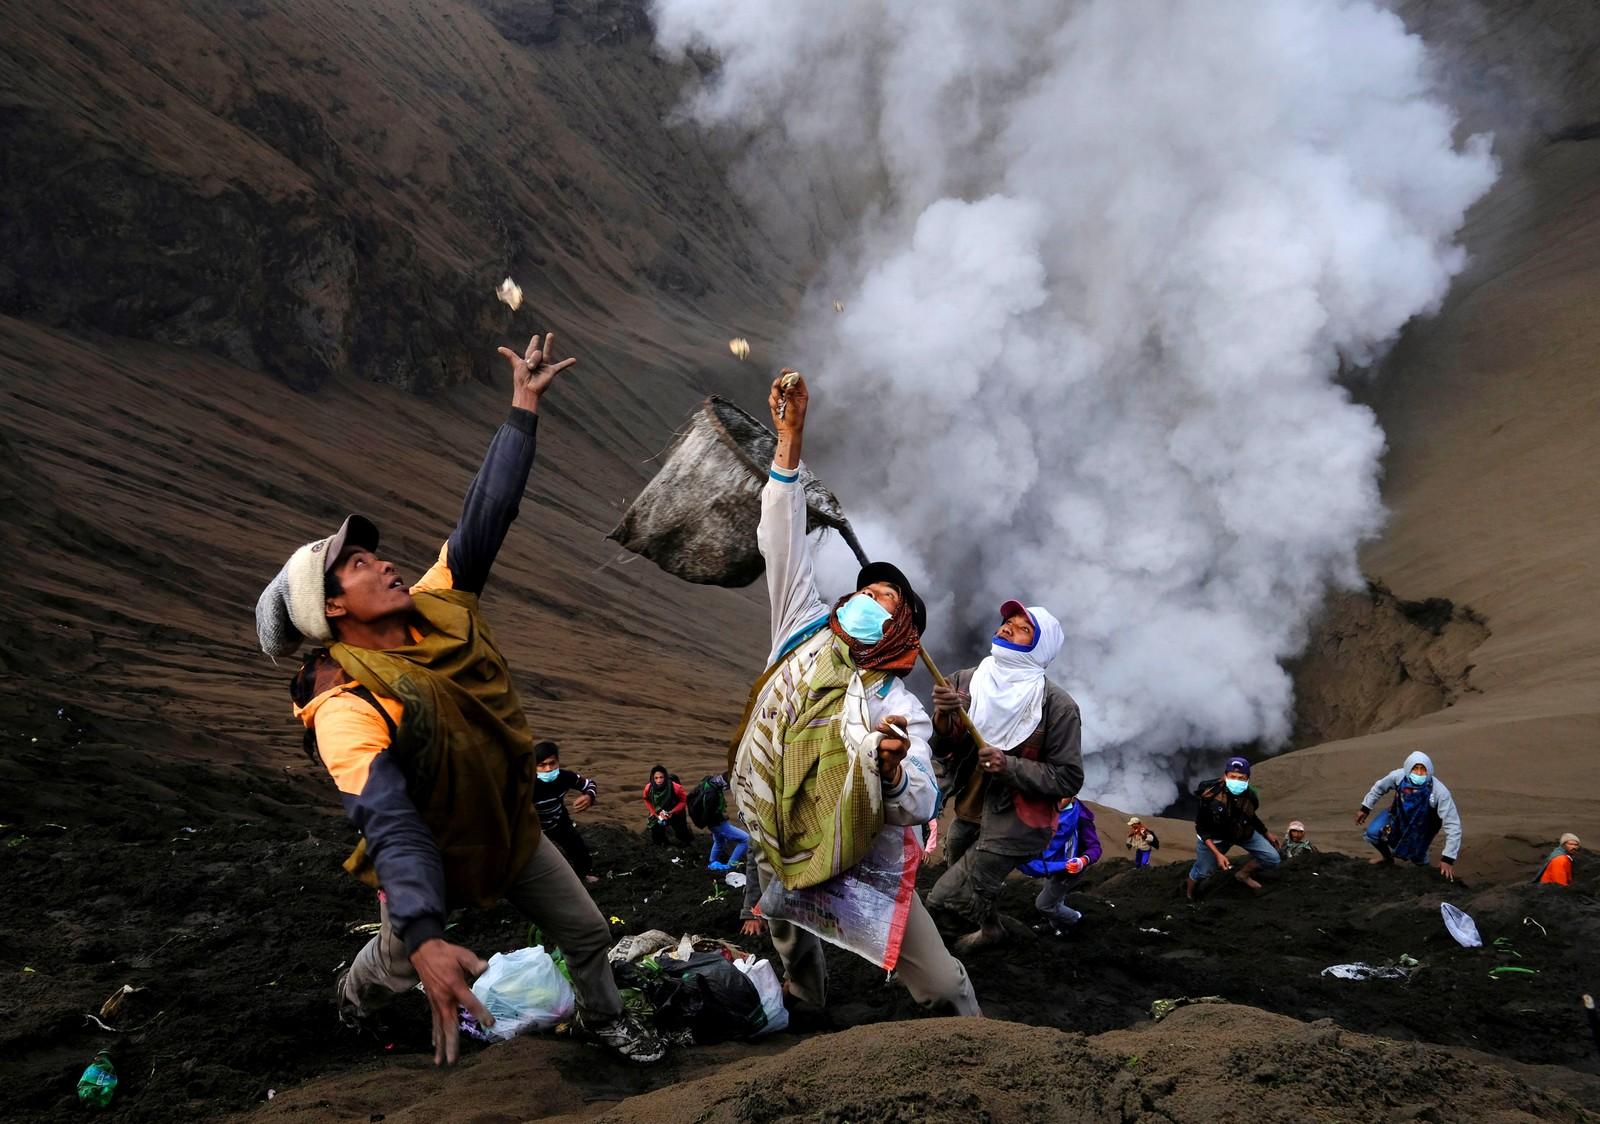 Indonesia den 21. juli. Mennesker står i skråningen til vulkanen Bromo, og forsøker å få tak i penger og andre offergaver som hinduer kaster ned i vulkanen under den religiøse høytiden kalt Kasada. Vulkanen er aktiv og skal ha hatt det siste utbruddet den 11. juli.